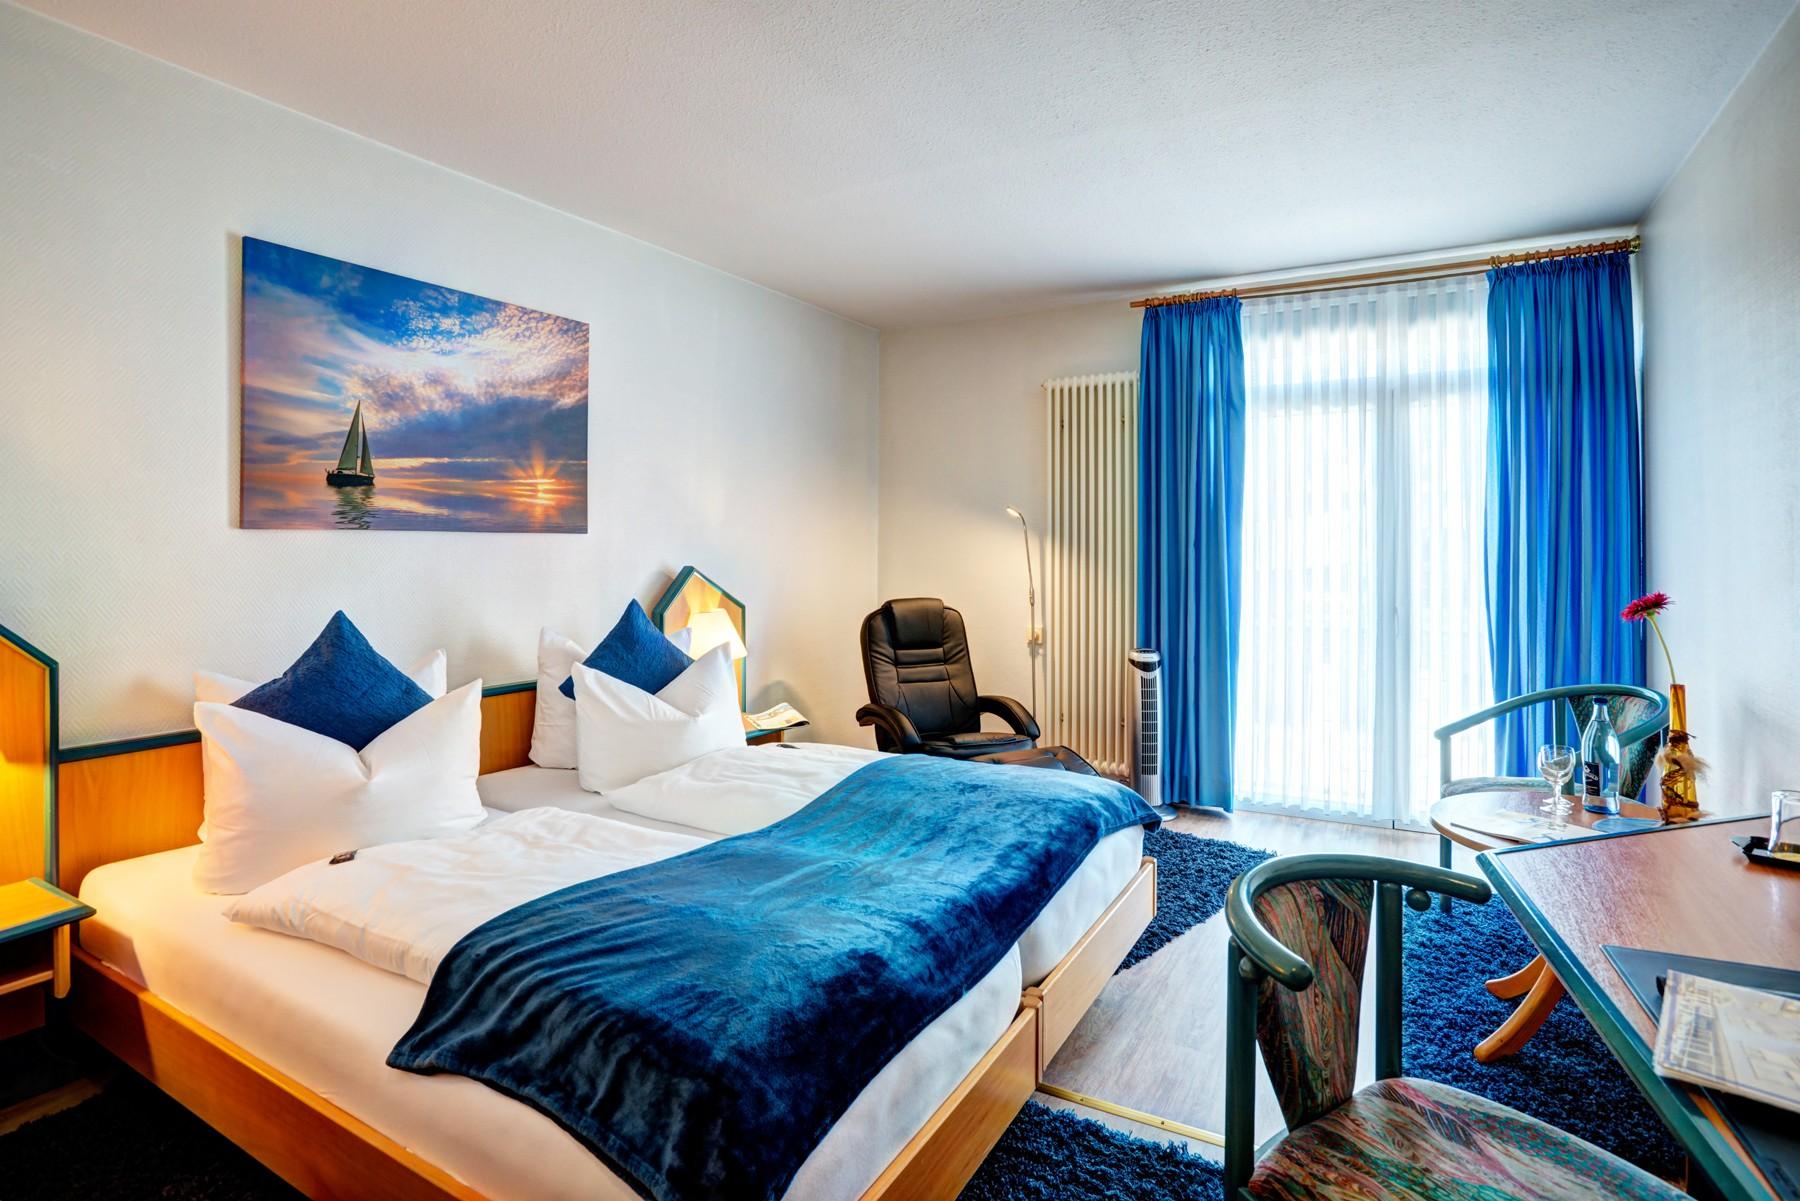 Helles Komfort Doppelzimmer mit Flatscreen und Relaxsessel